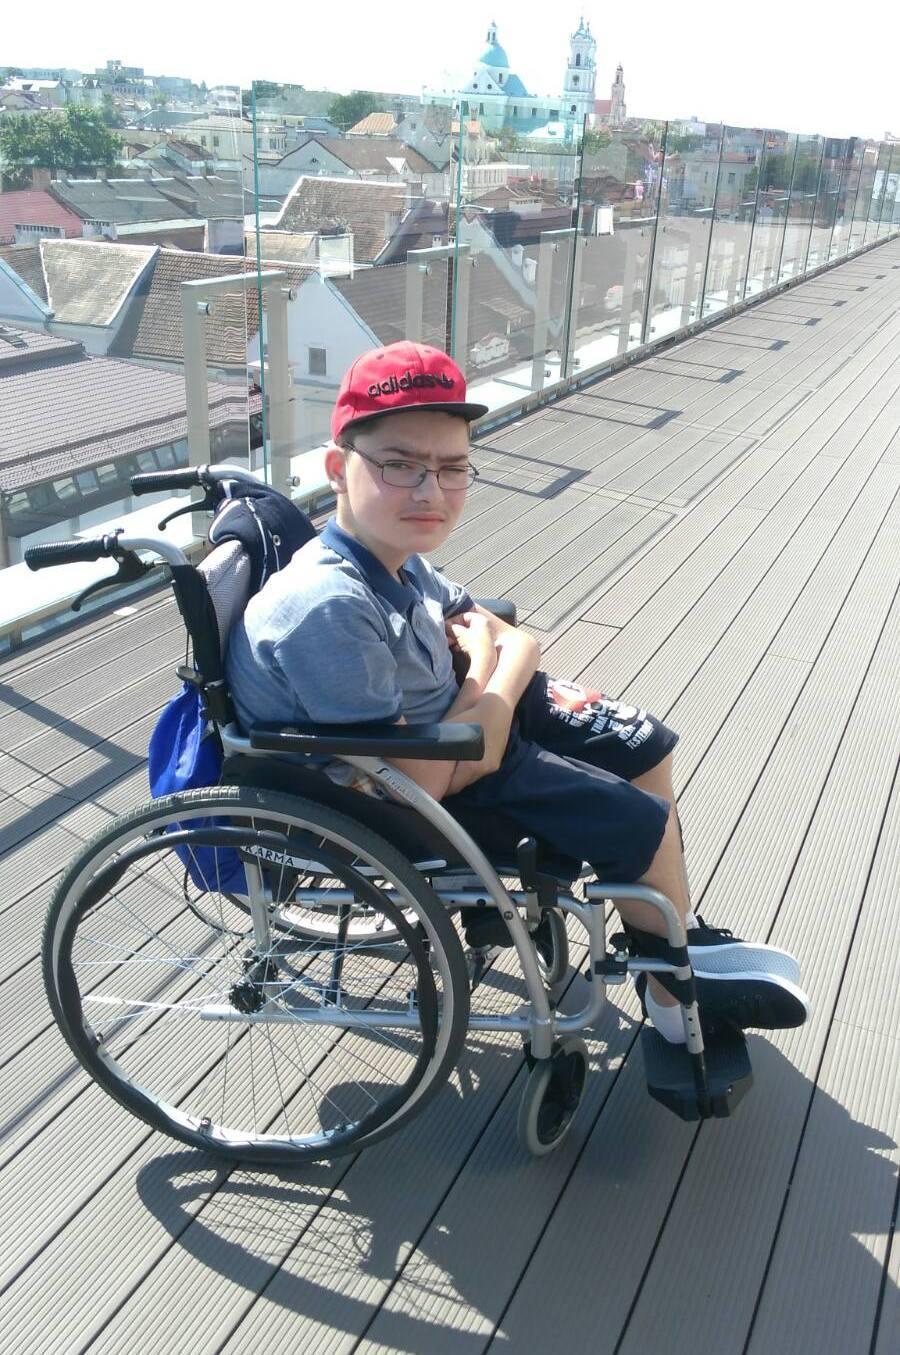 «Чтобы крутить колеса – нужна сила, а силы в руках мало». История мальчика с мышечной дистрофией